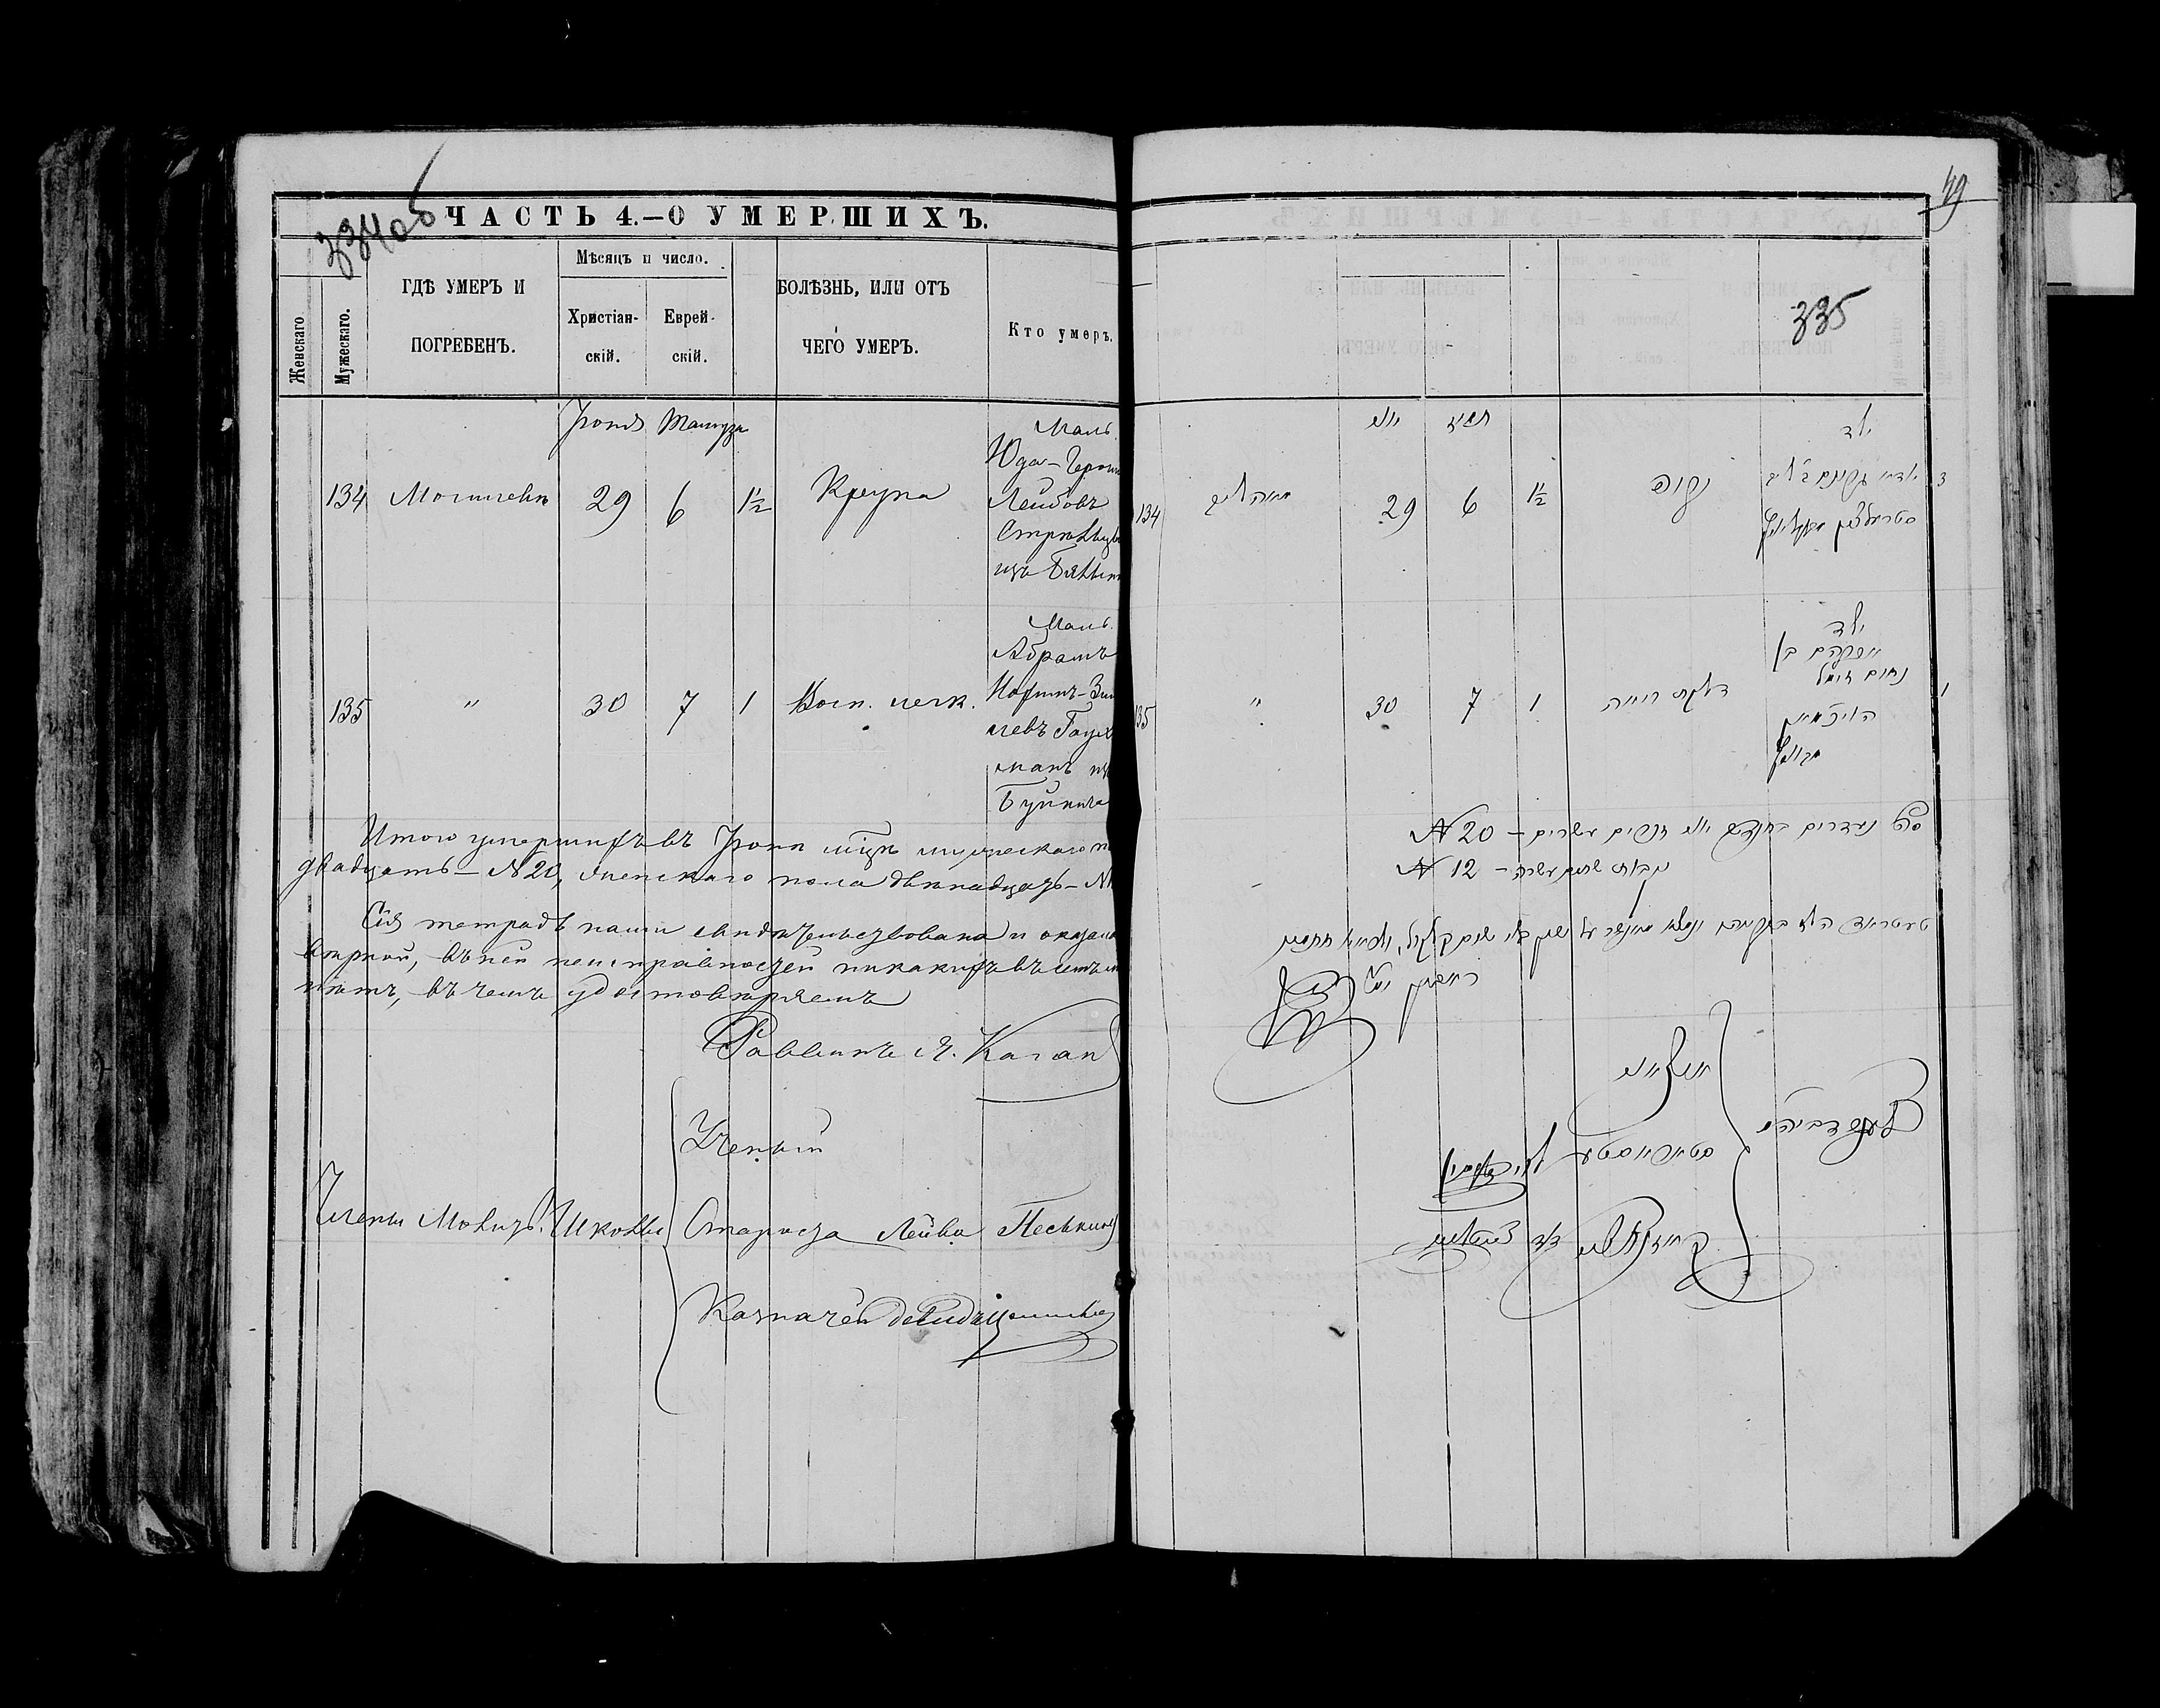 Юда-Гроним Лейбович Стрельцын 29 июня 1883, запись 134, пленка 007766483, снимок 62